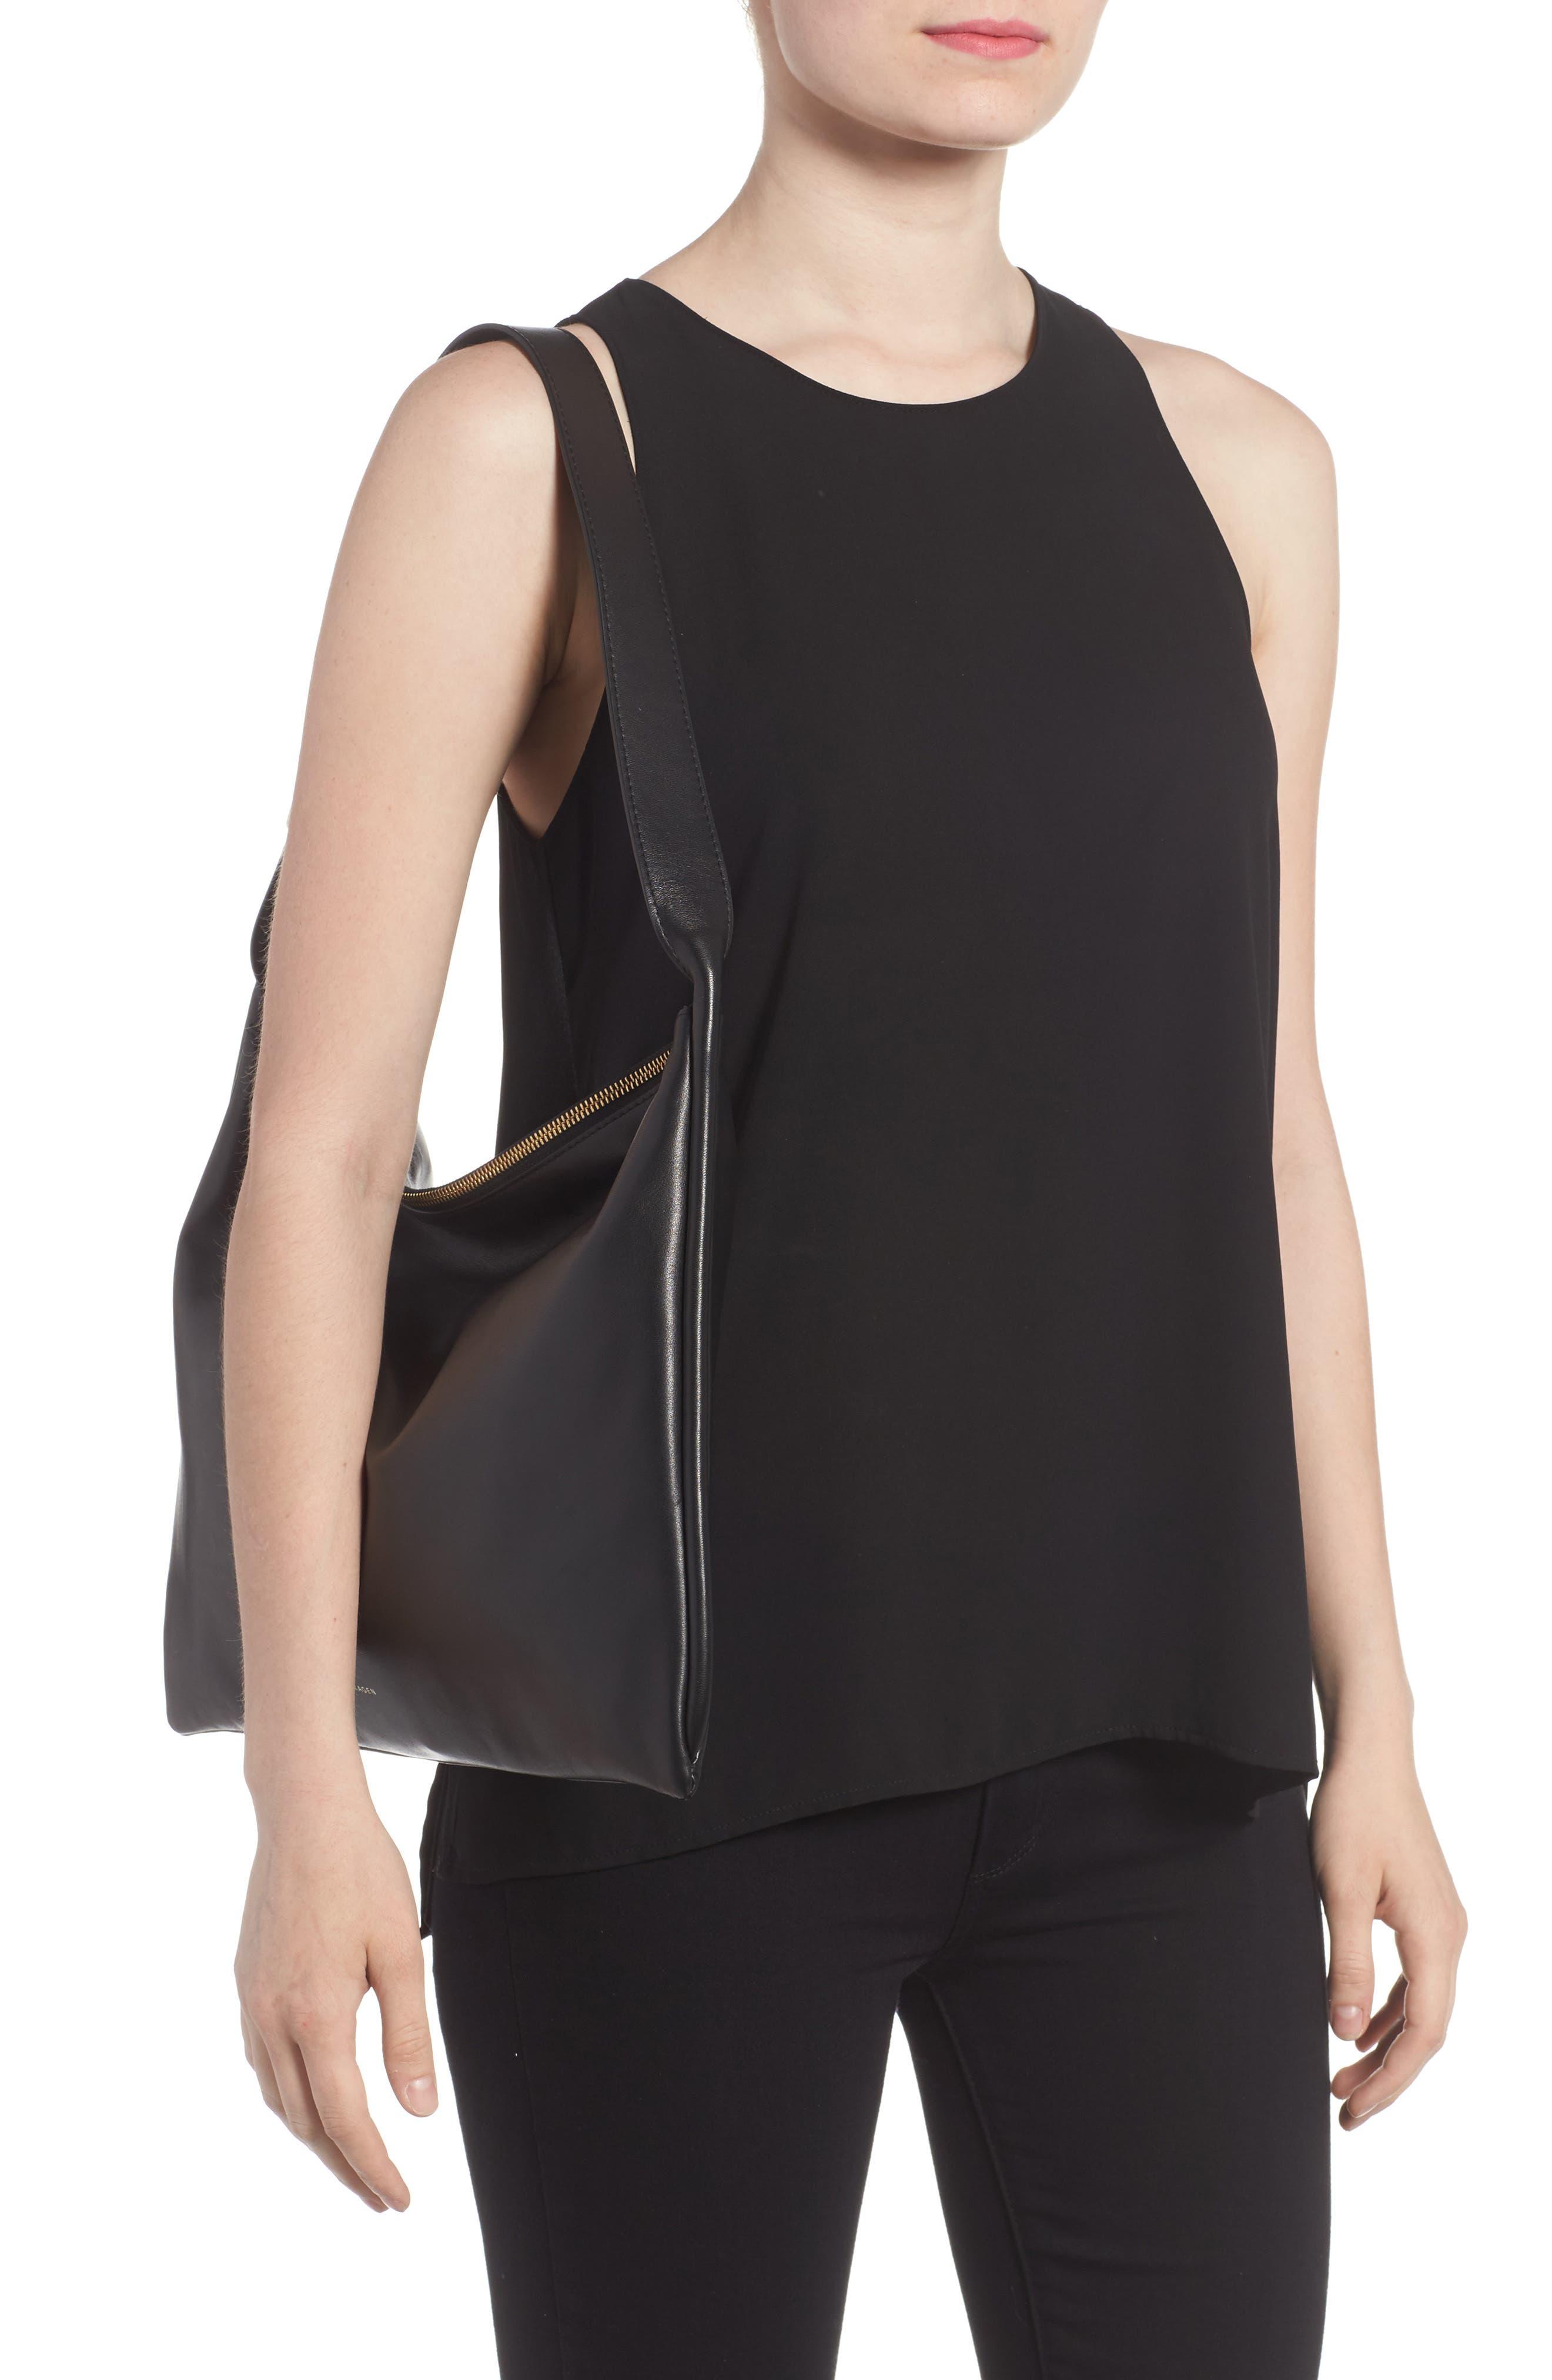 Anesa Leather Shoulder Bag,                             Alternate thumbnail 2, color,                             001